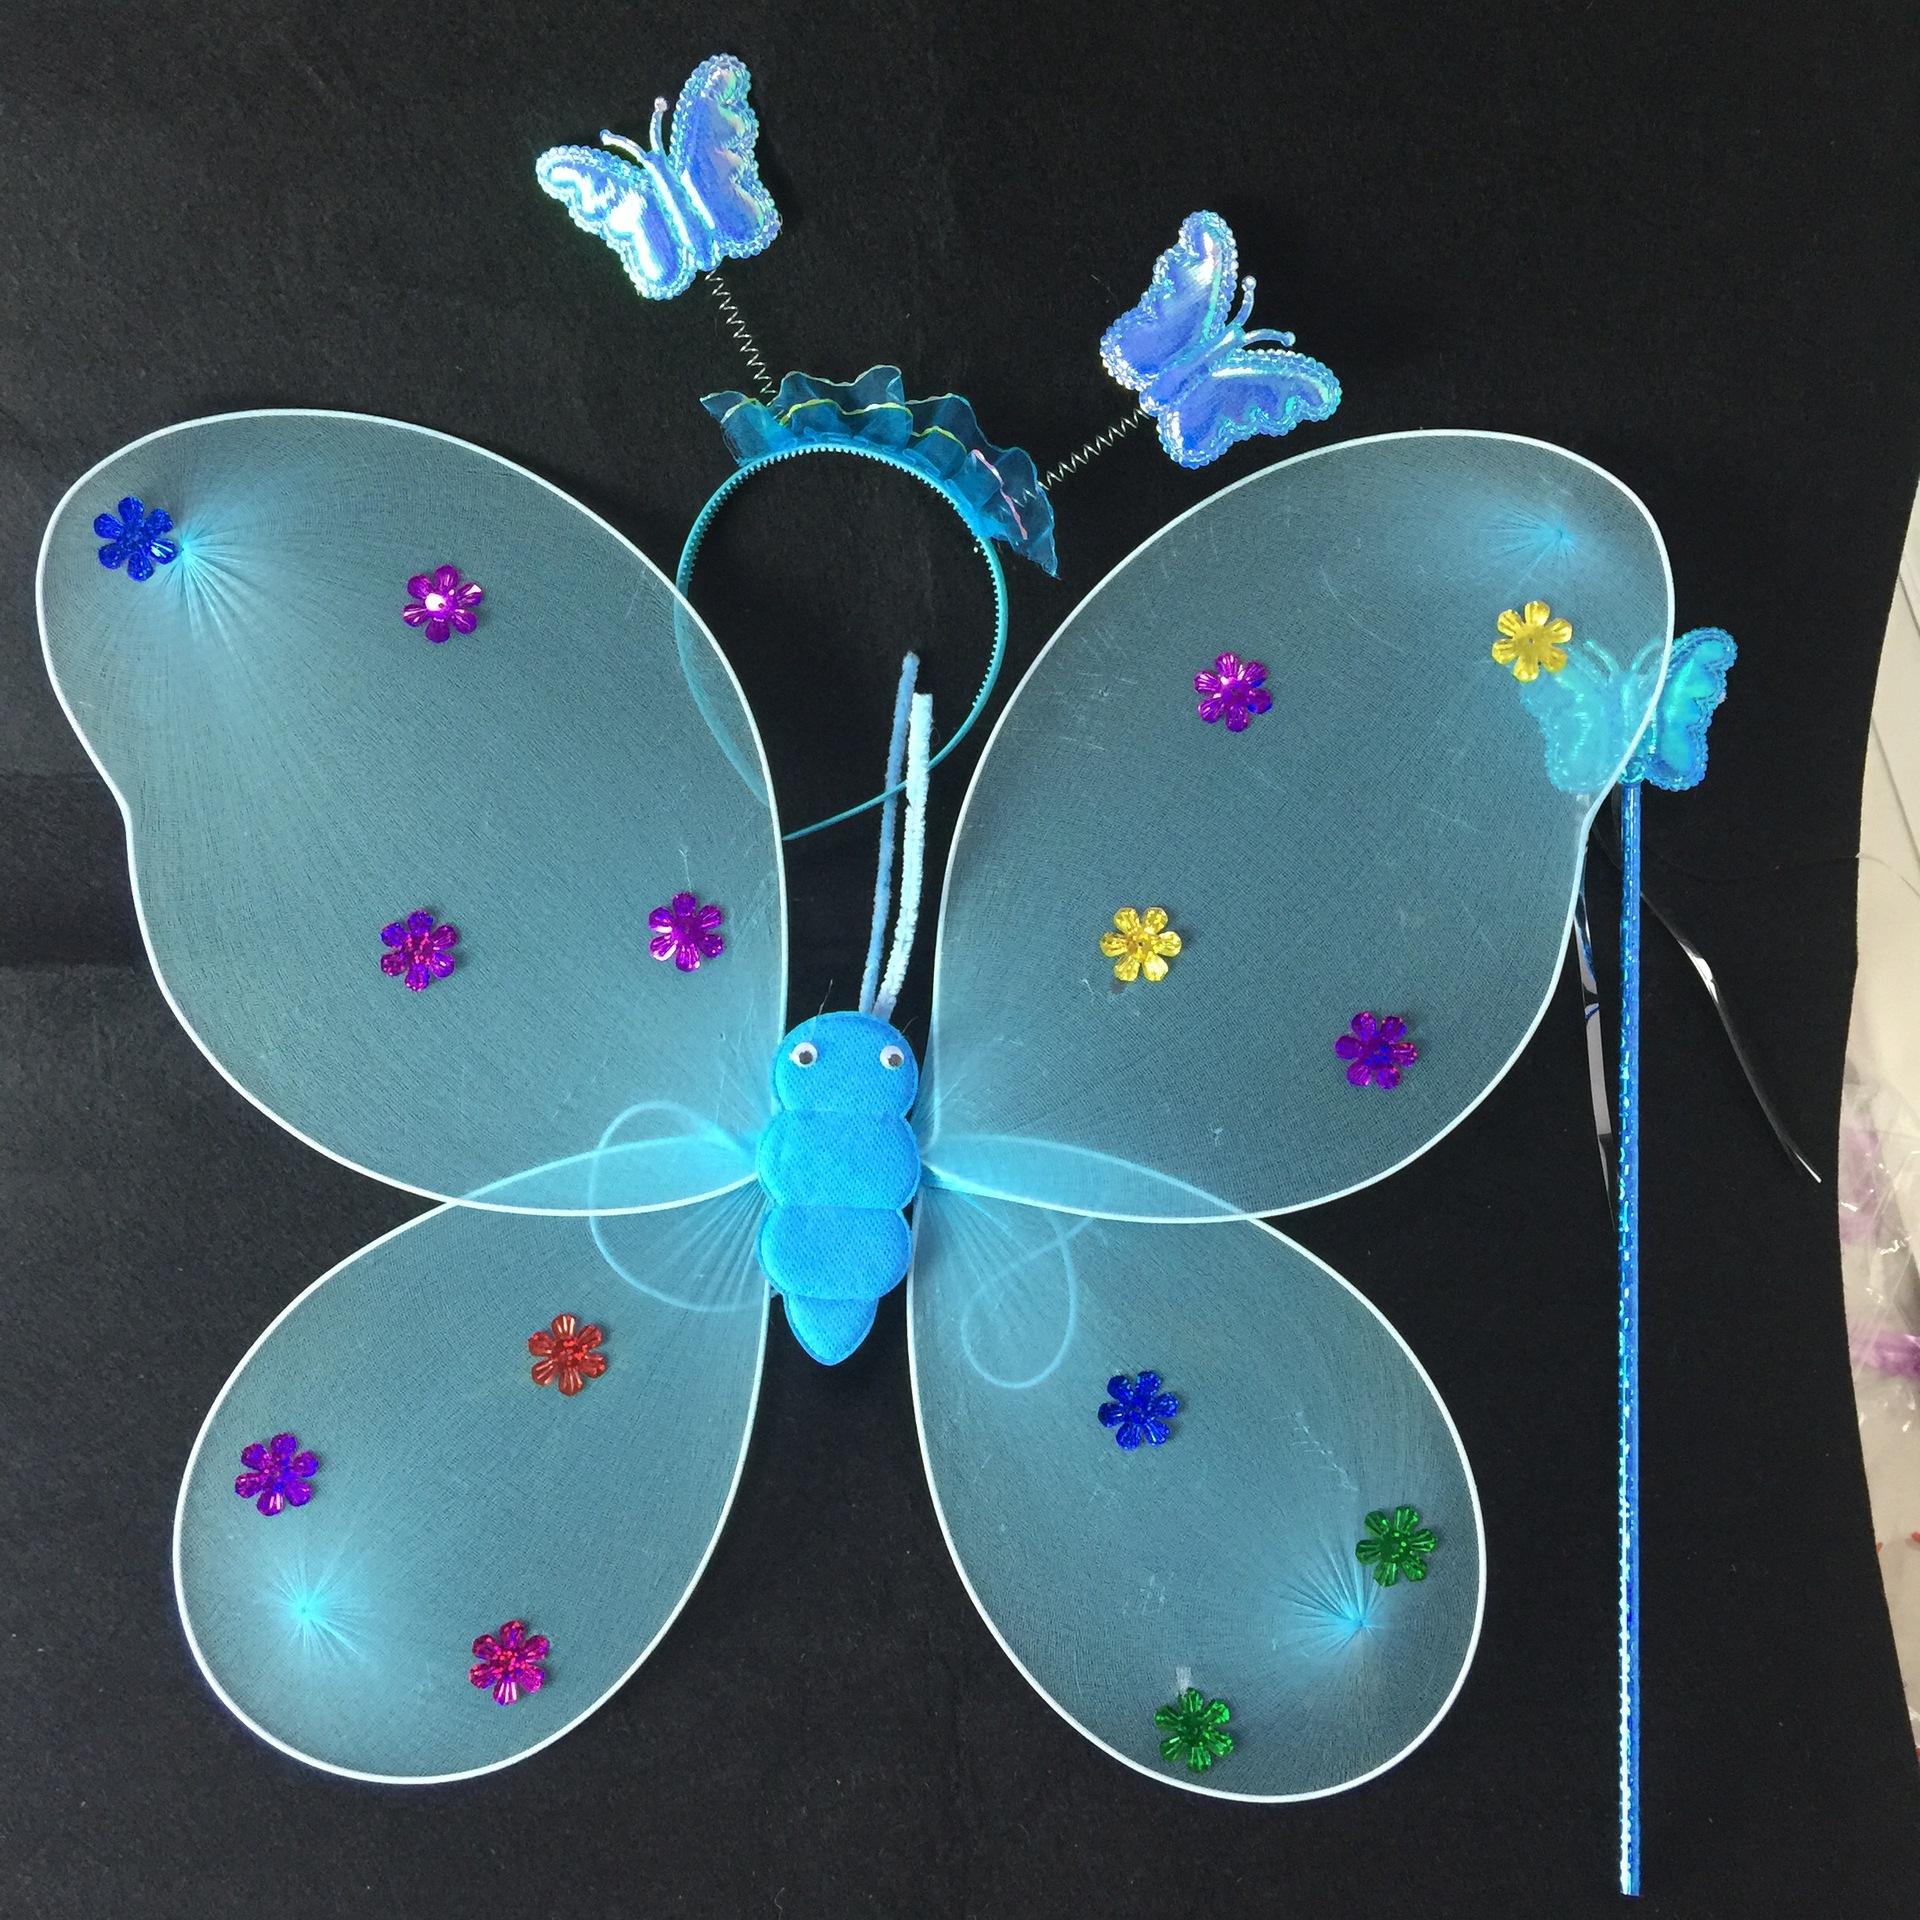 地摊火爆幼儿园景区舞蹈表演道具丝网单层天使蝴蝶翅膀三件套示例图2